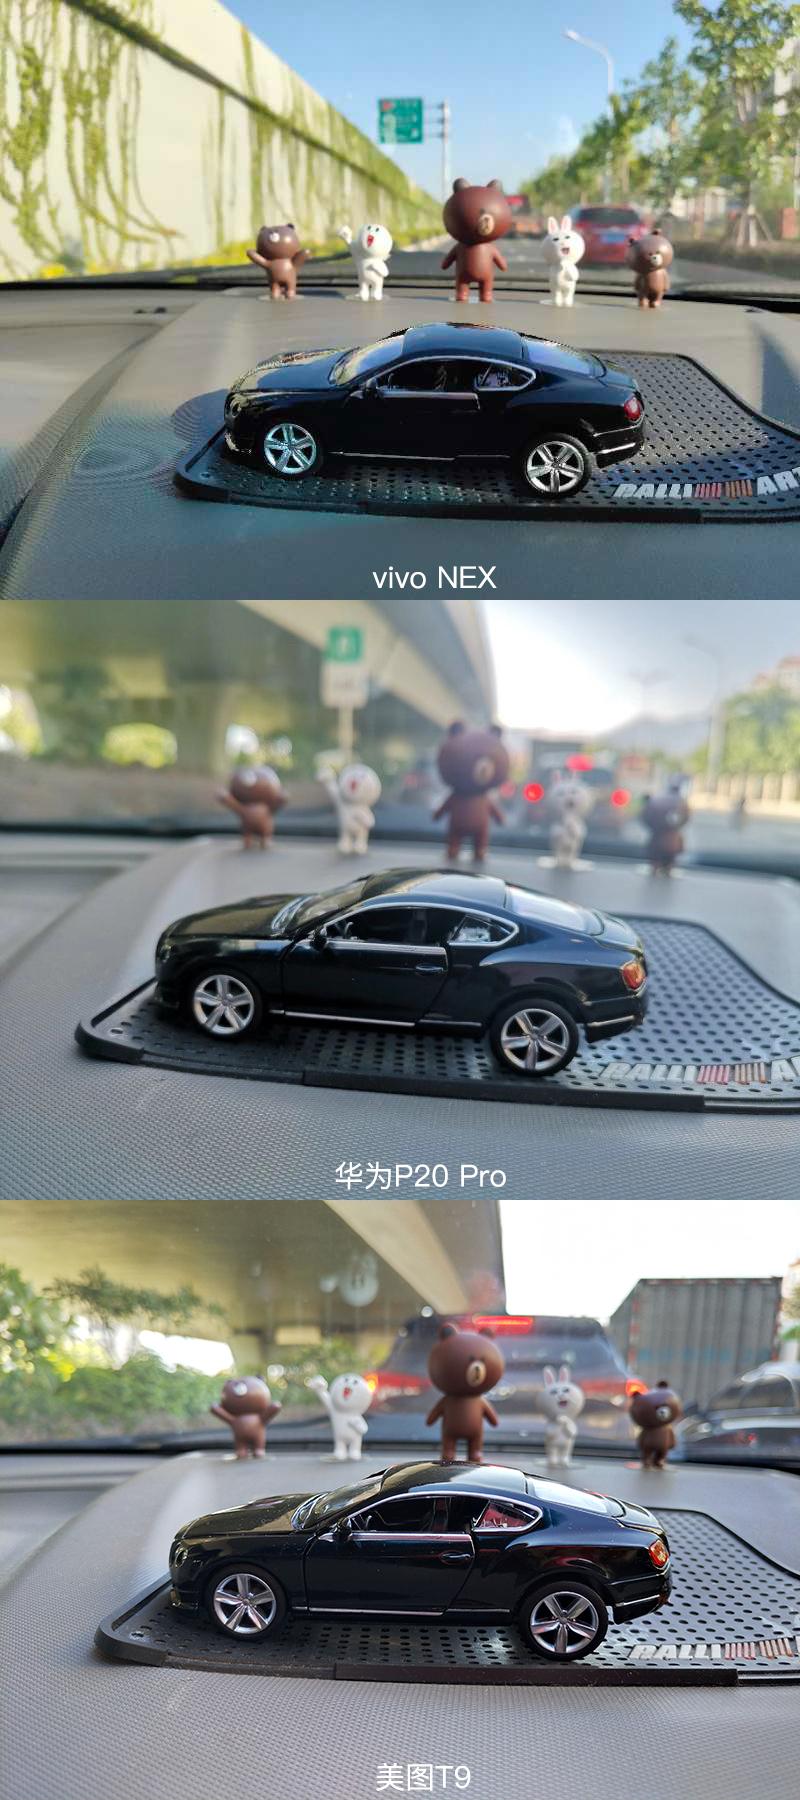 2018最具话题的vivo NEX、华为P20 Pro、美图T9拍照评测对比